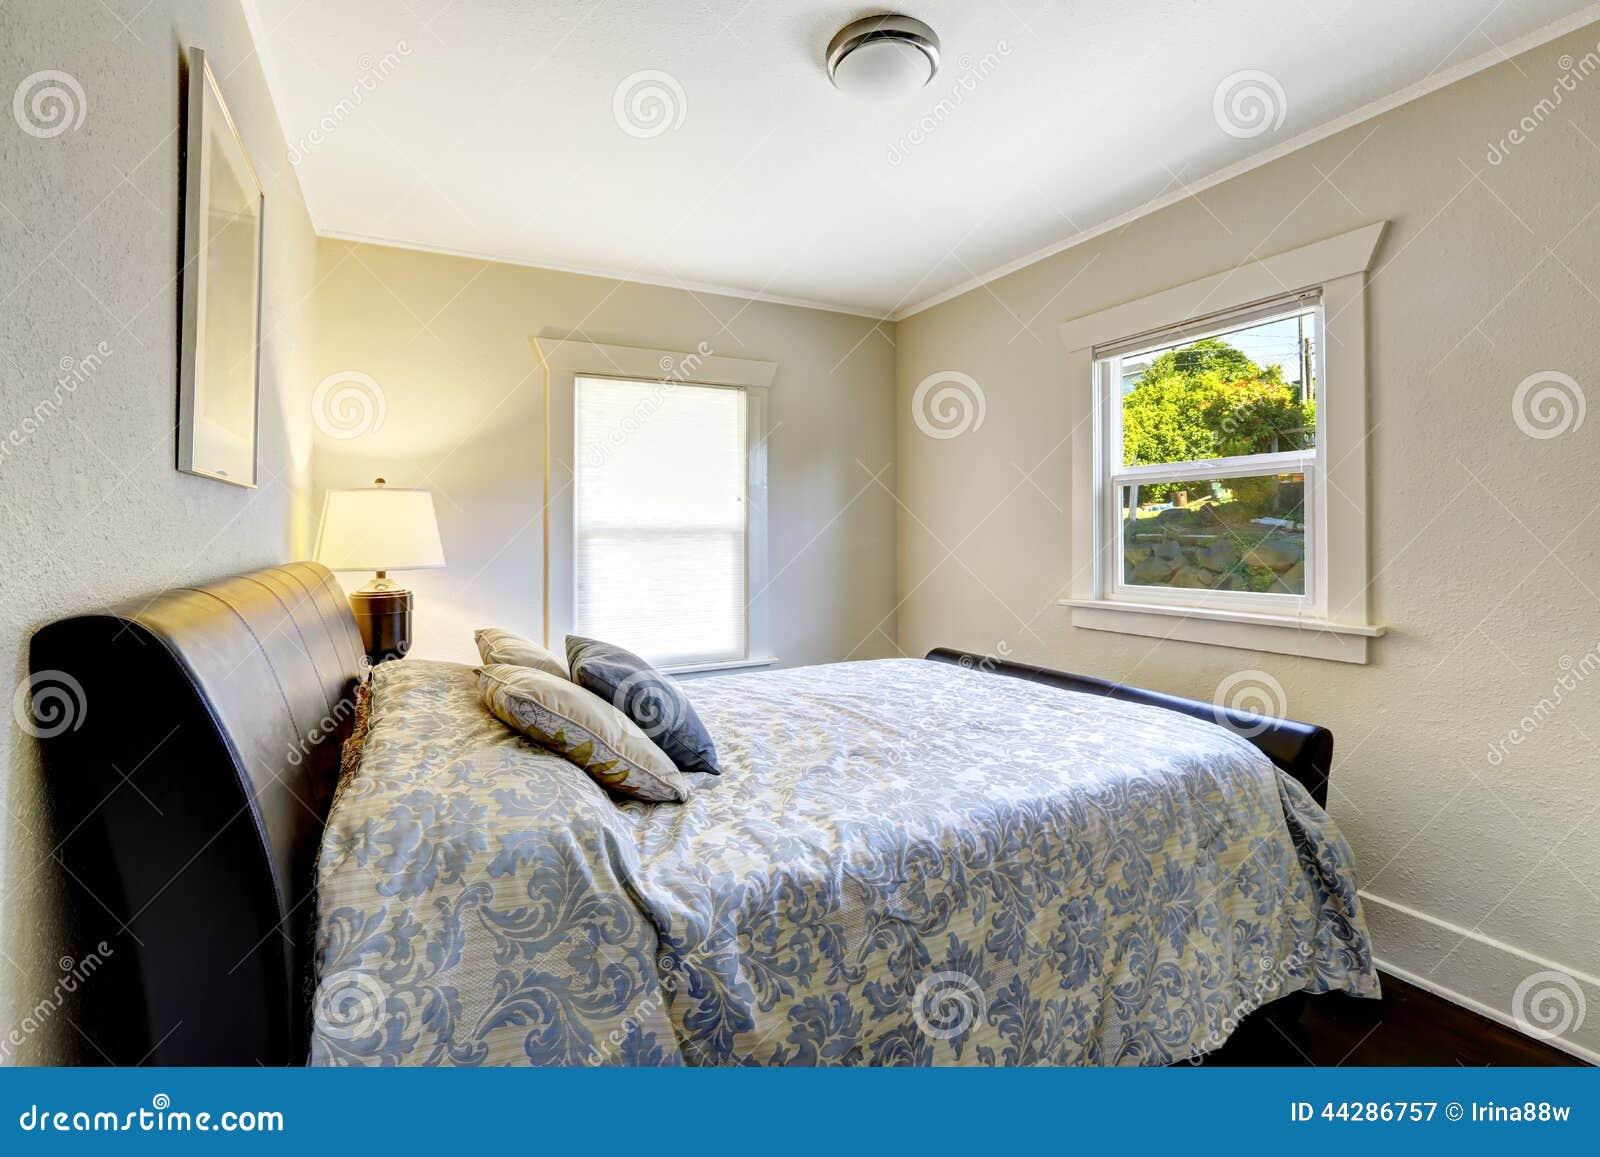 petite chambre coucher avec le lit noir moderne - Chambre A Couche Petite